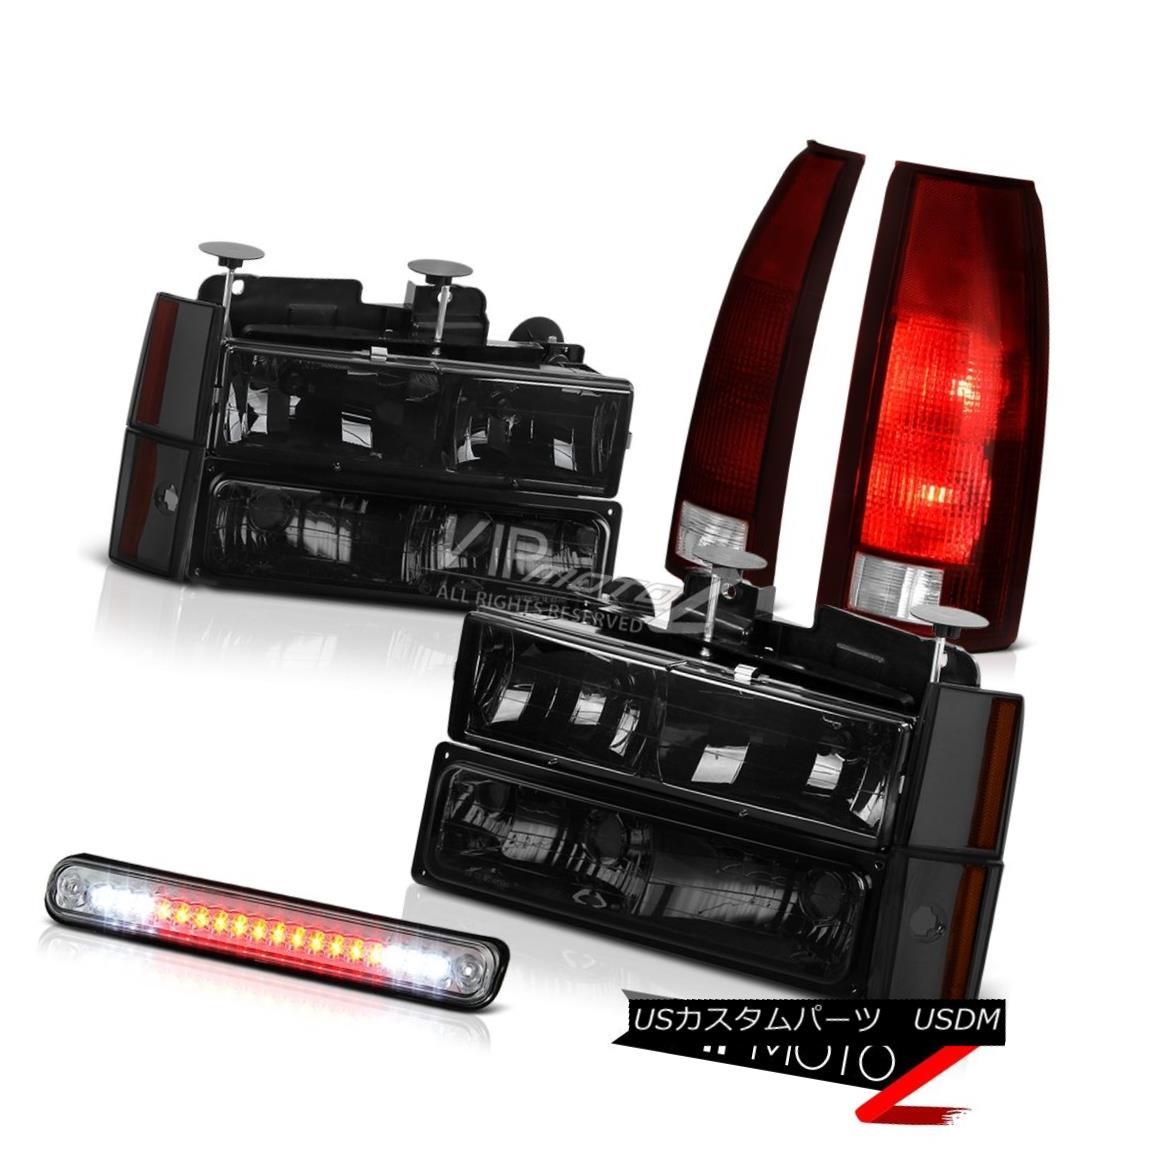 ヘッドライト 88-93 Chevy K1500 Roof Brake Light Rear Lamps Headlights Bumper Corner Oe Style 88-93 Chevy K1500ルーフブレーキライトリアランプヘッドライトバンパーコーナーOEスタイル